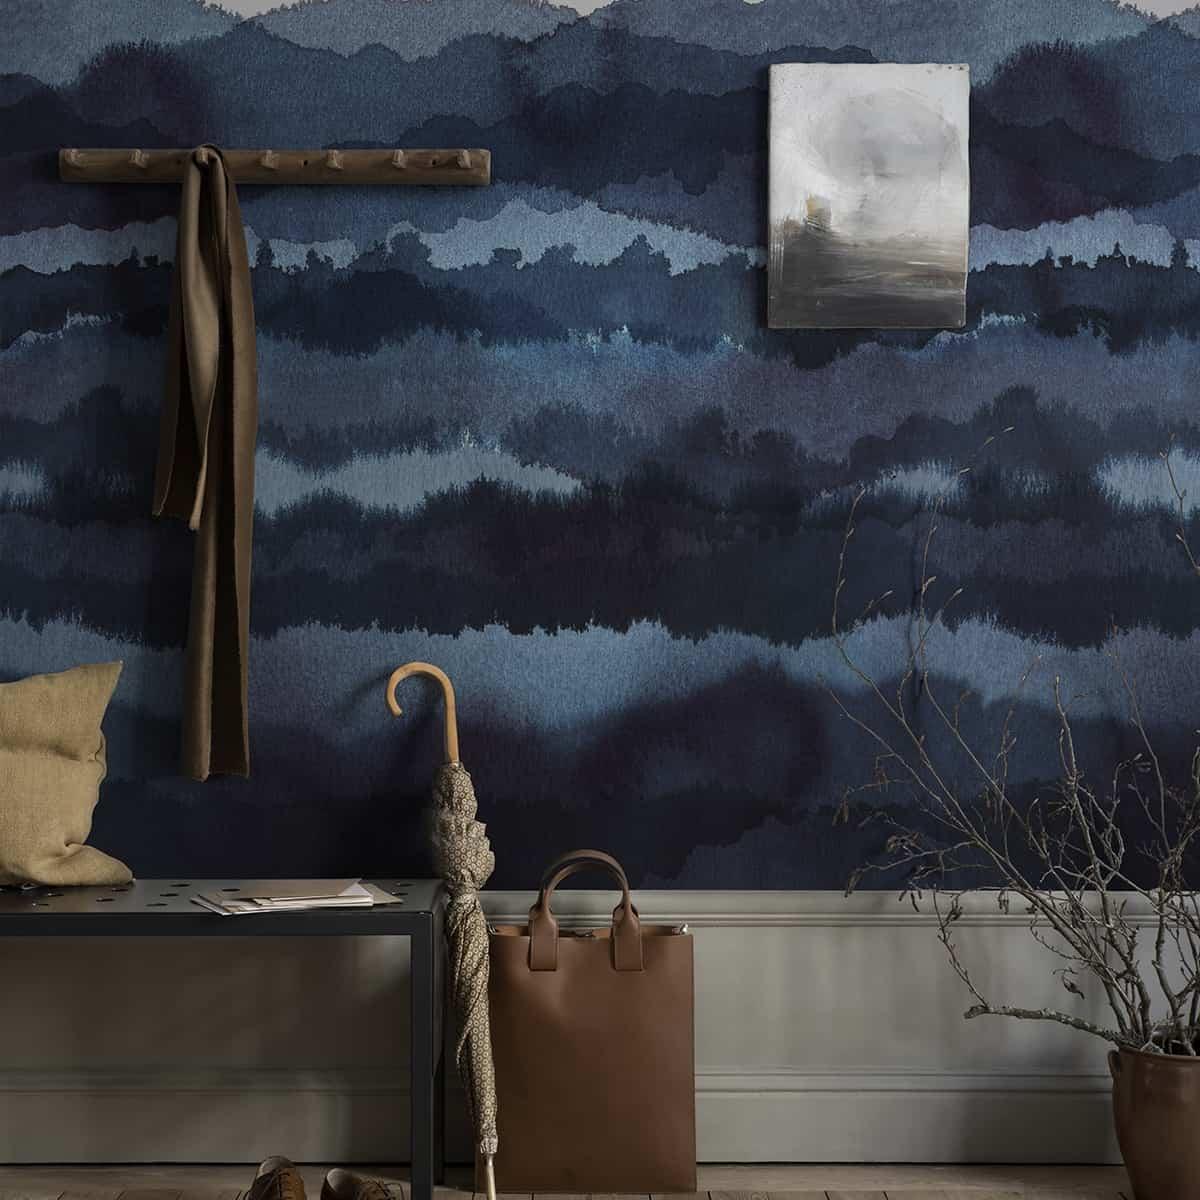 perete cu tapet vopsibil albastru pe care atarna un cuier din lemn si un tablou peisaj